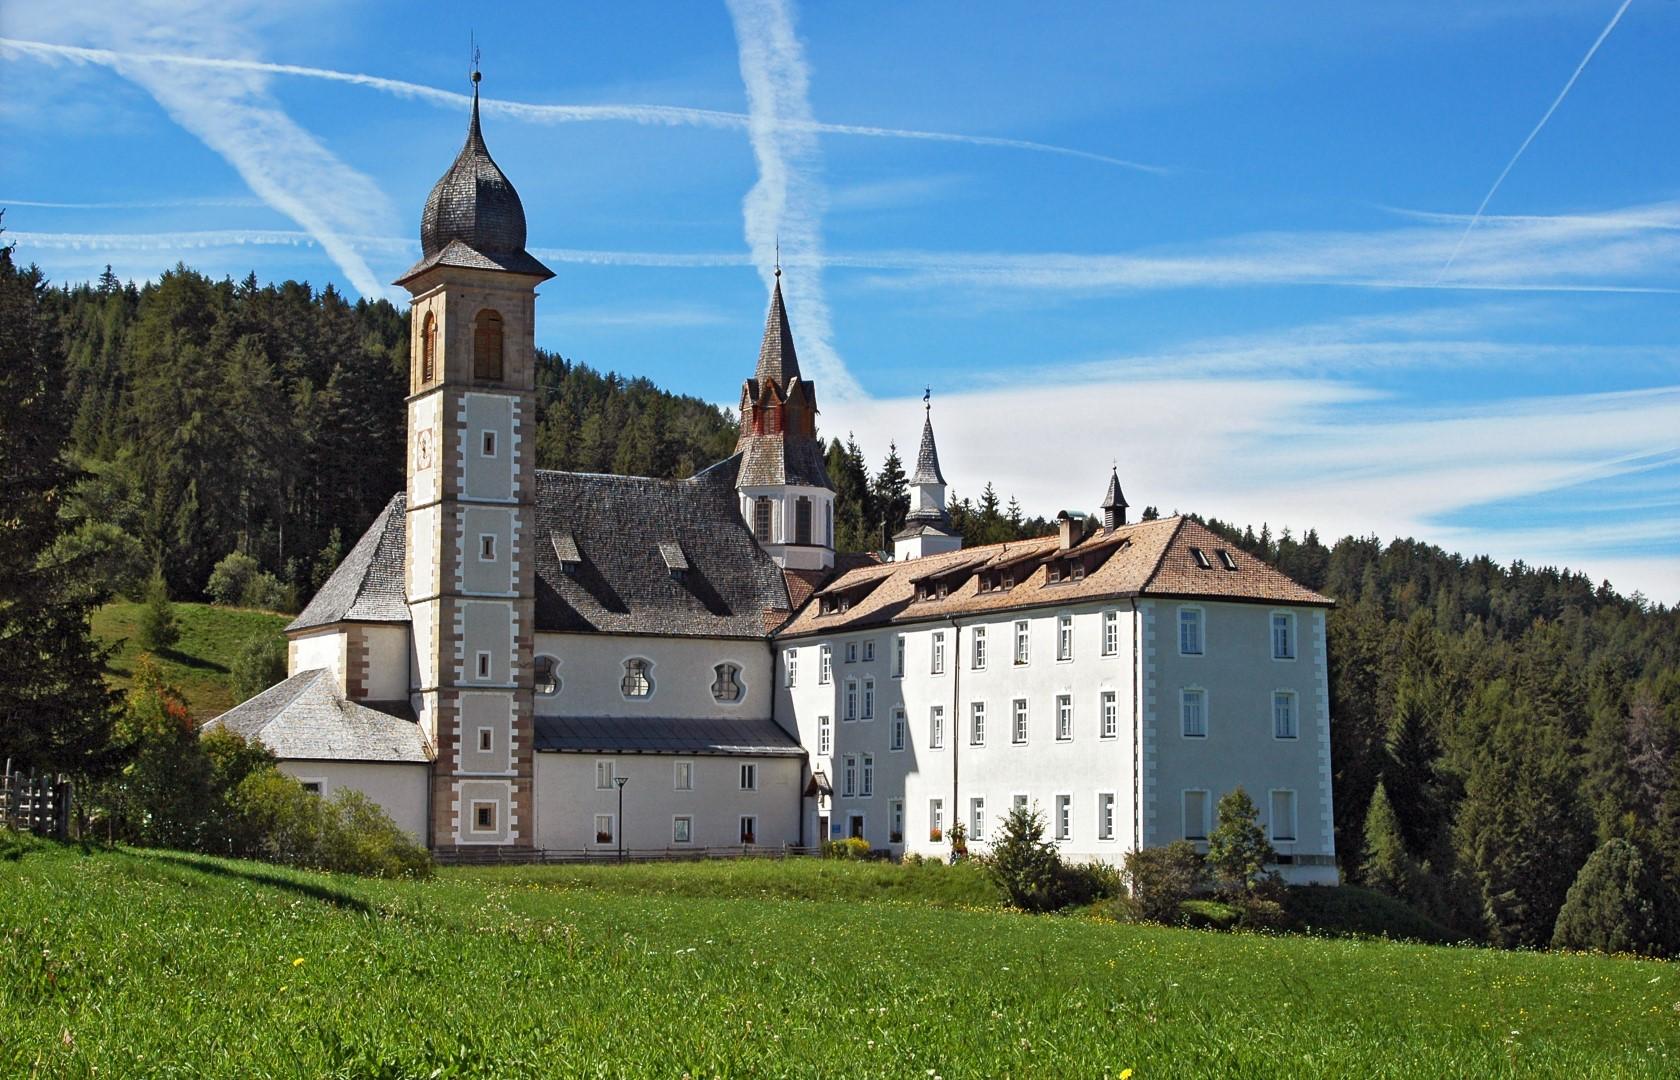 Santuario di Pietralba – Maria Weißenstein place of pilgrimage